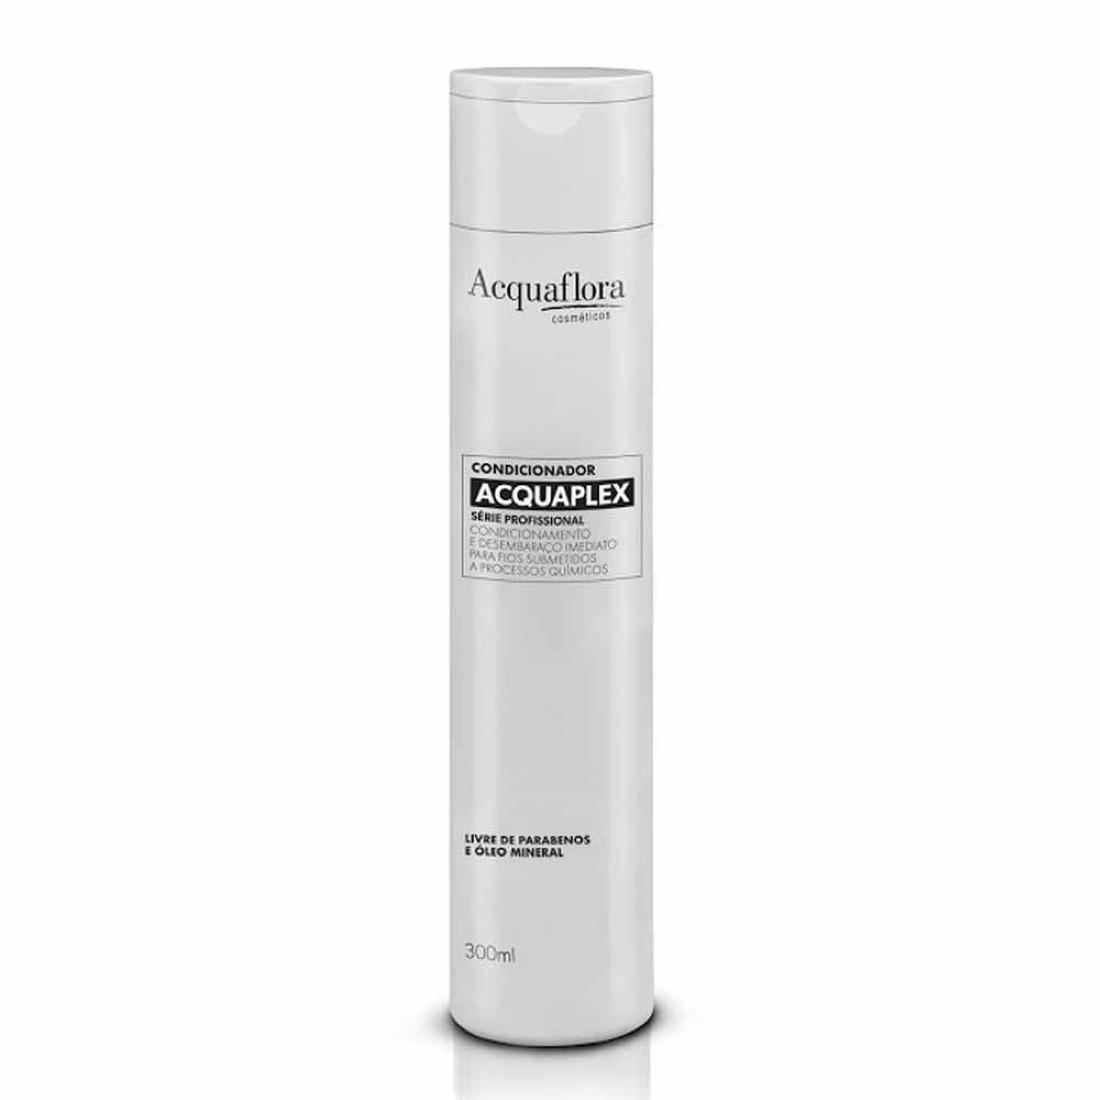 Condicionador Acquaplex 300ml - Acquaflora